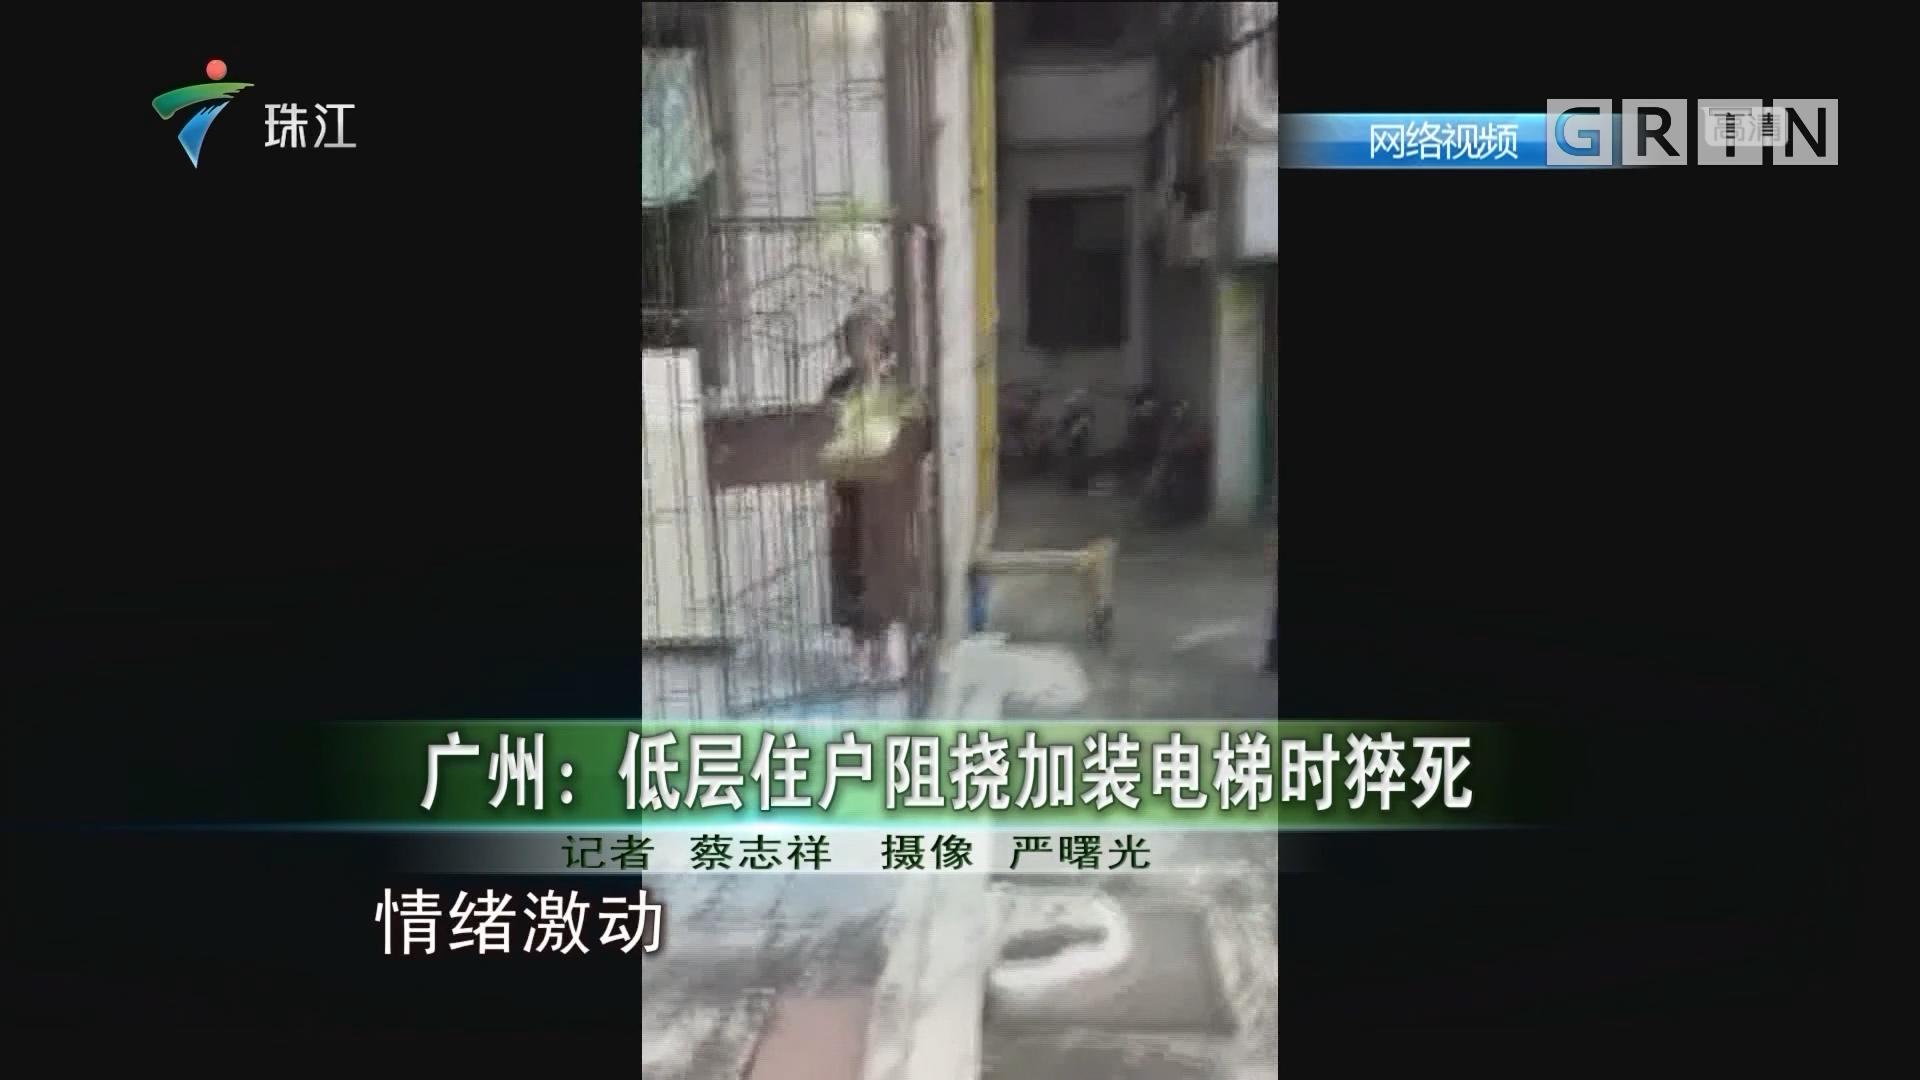 广州:底层住户阻挠加装电梯时猝死